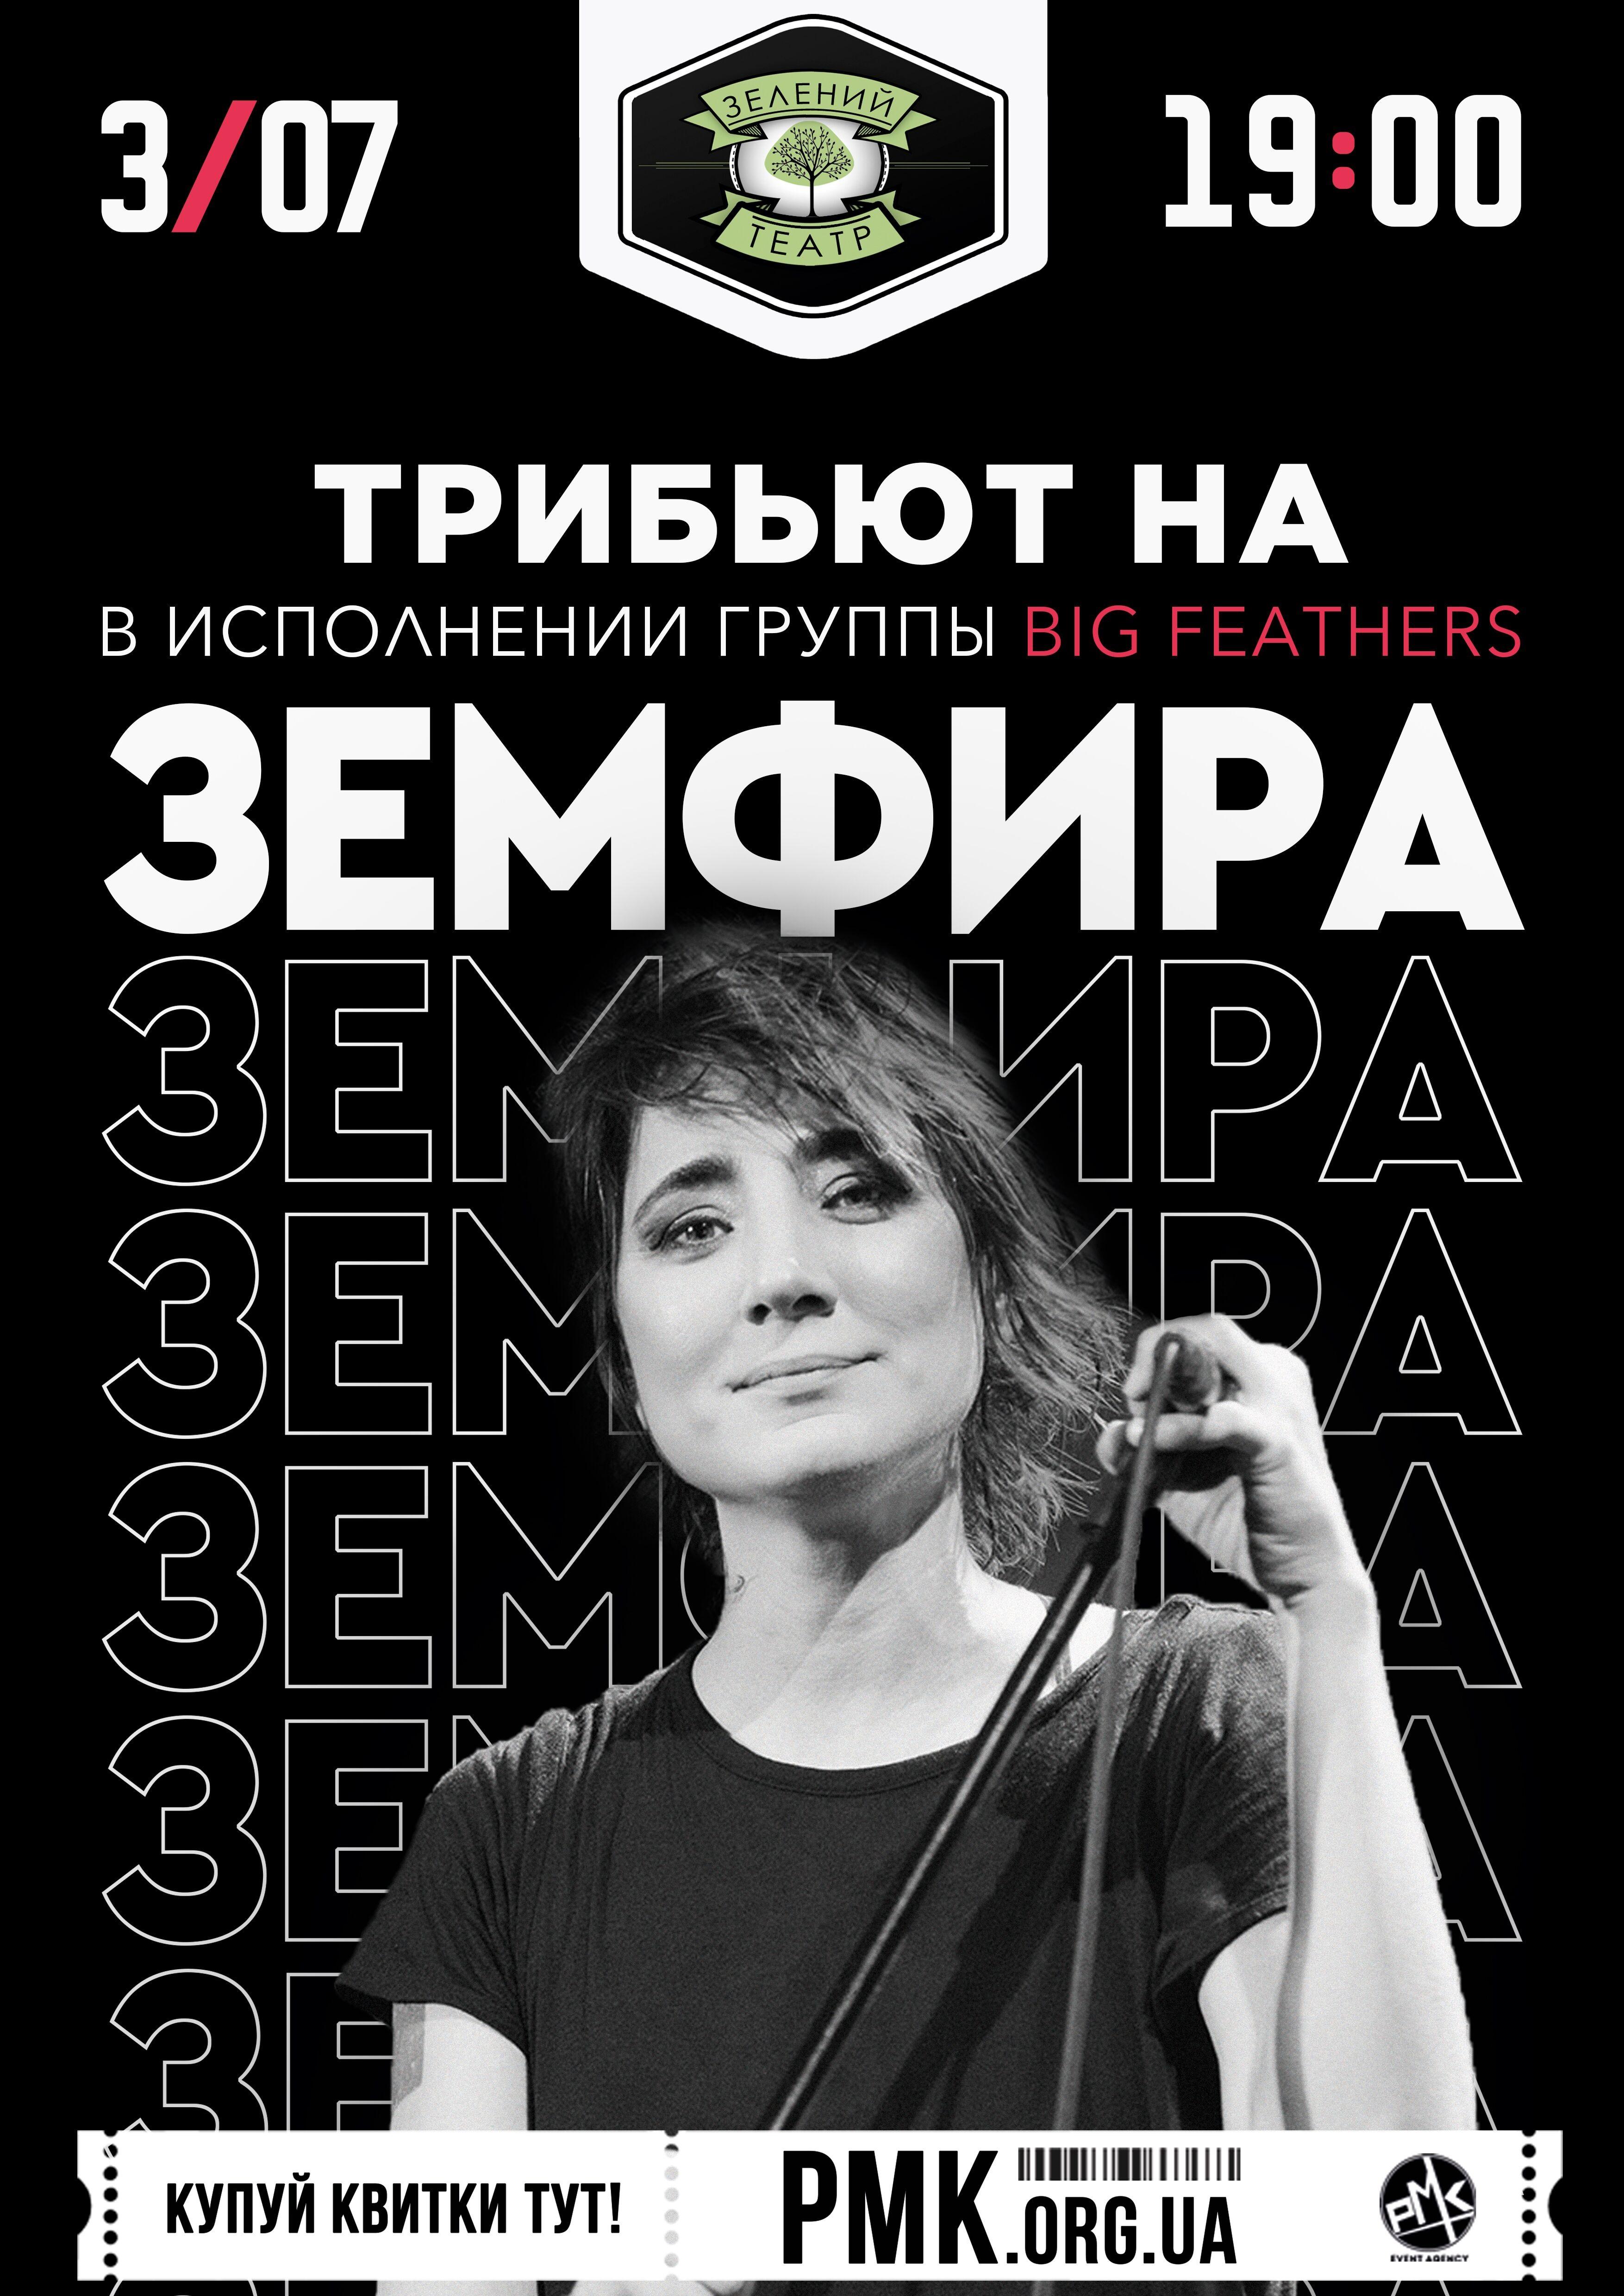 Билеты Big Feathers Zемфира Tribute